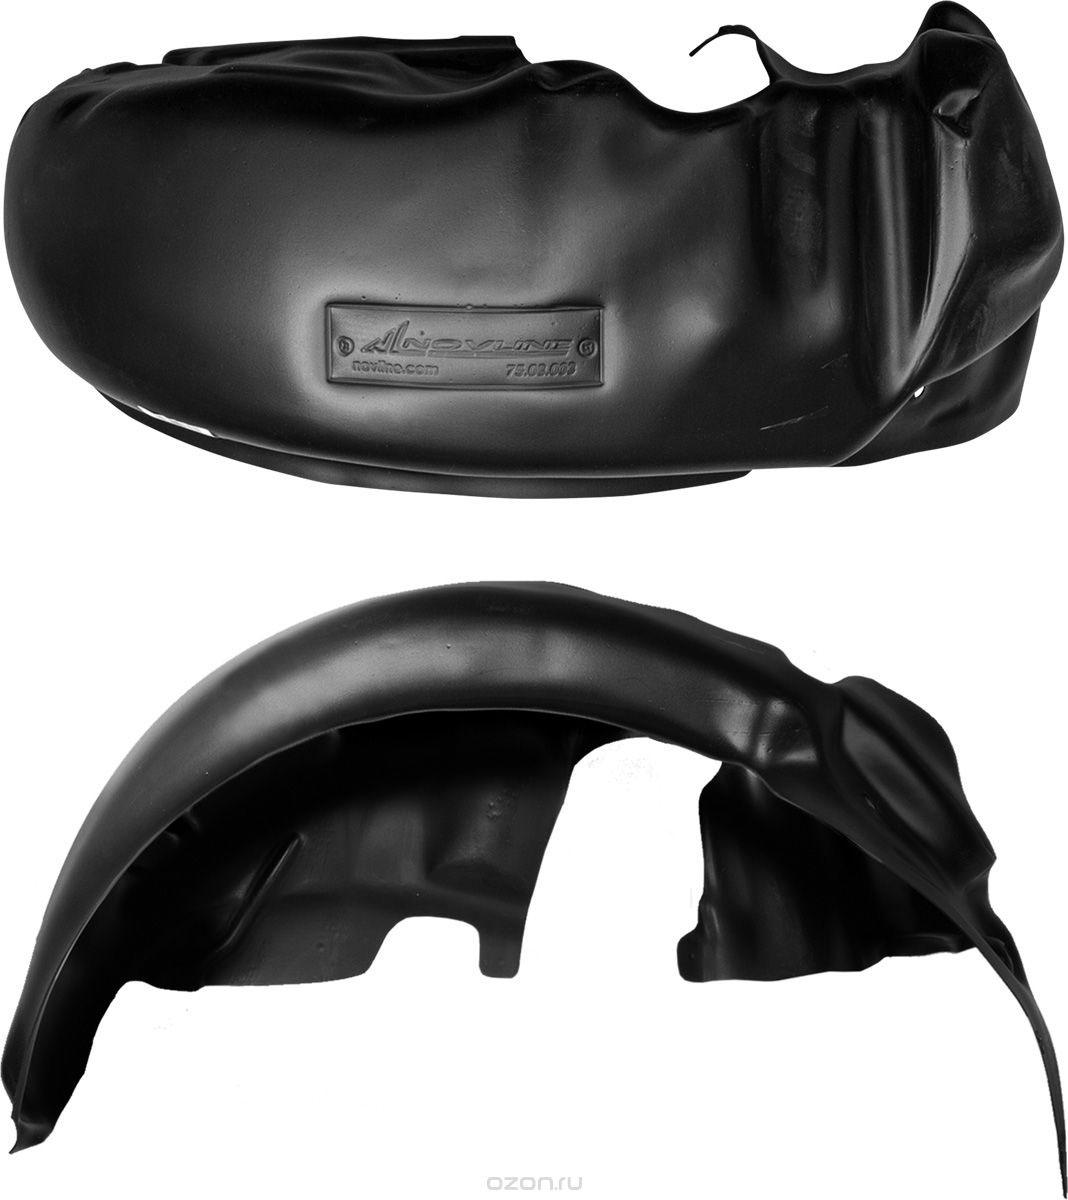 Подкрылок Novline-Autofamily, для Daewoo Nexia, 1995-2007, 2007->, задний левый002103Идеальная защита колесной ниши. Локеры разработаны с применением цифровых технологий, гарантируют максимальную повторяемость поверхности арки. Изделия устанавливаются без нарушения лакокрасочного покрытия автомобиля, каждый подкрылок комплектуется крепежом. Уважаемые клиенты, обращаем ваше внимание, что фотографии на подкрылки универсальные и не отражают реальную форму изделия. При этом само изделие идет точно под размер указанного автомобиля.